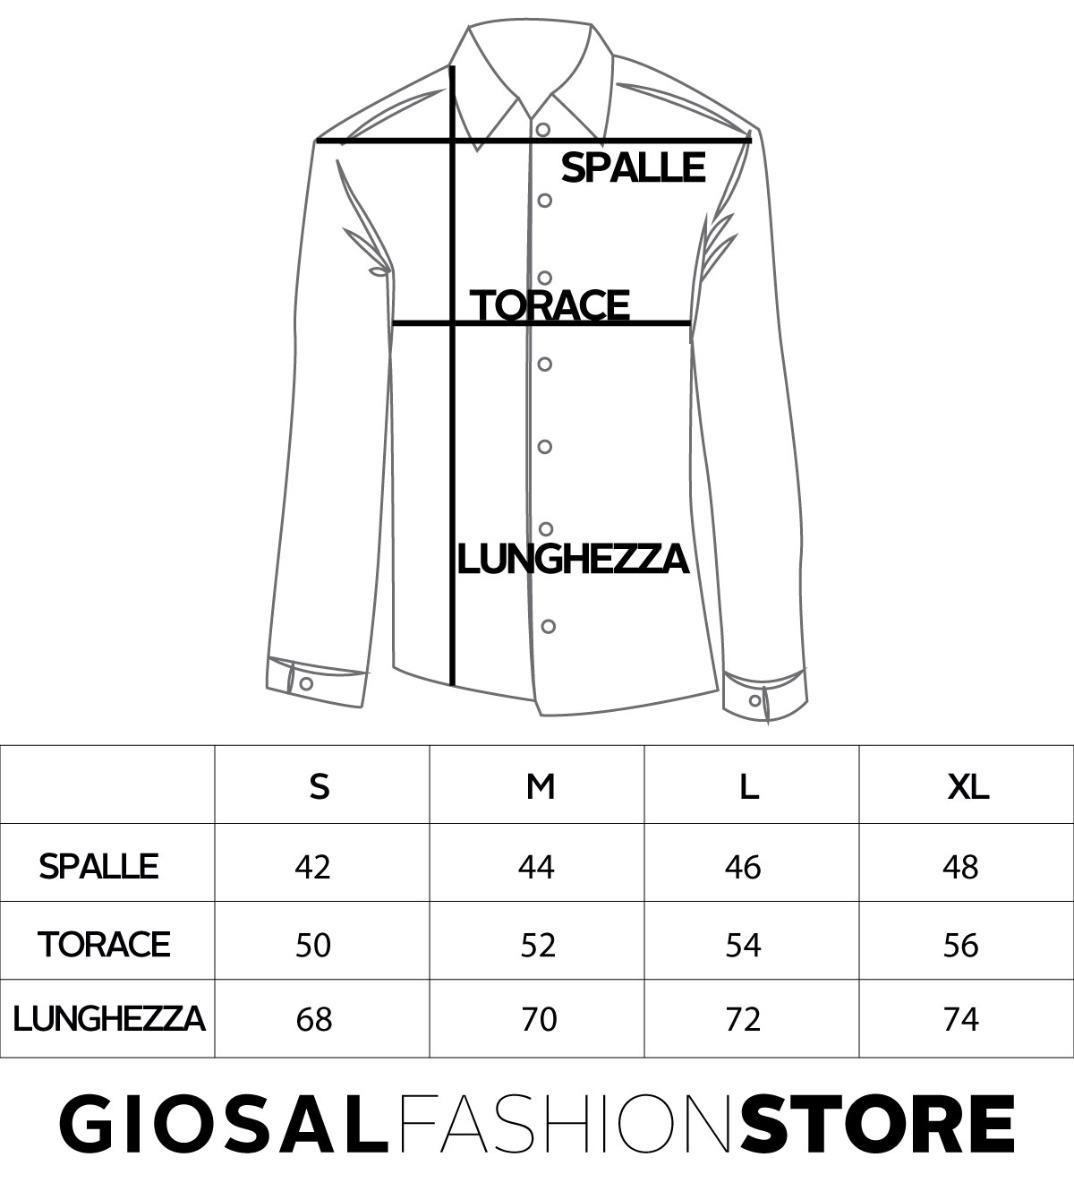 Camicia-Uomo-Lino-Maniche-Lunghe-Colletto-Tinta-Unita-Rossa-GIOSAL miniatura 7